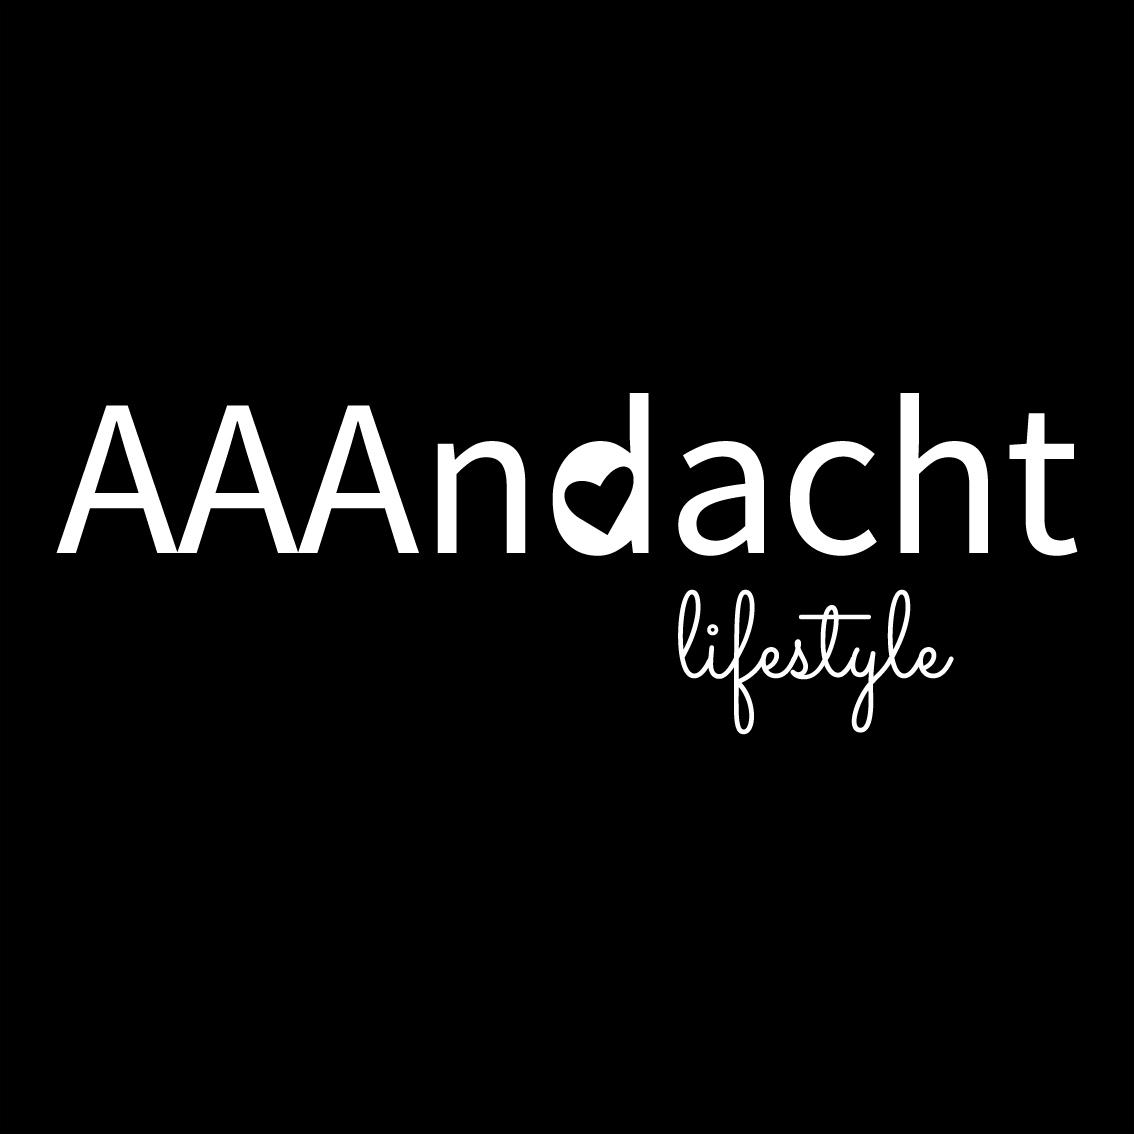 Signings-Aaandacht